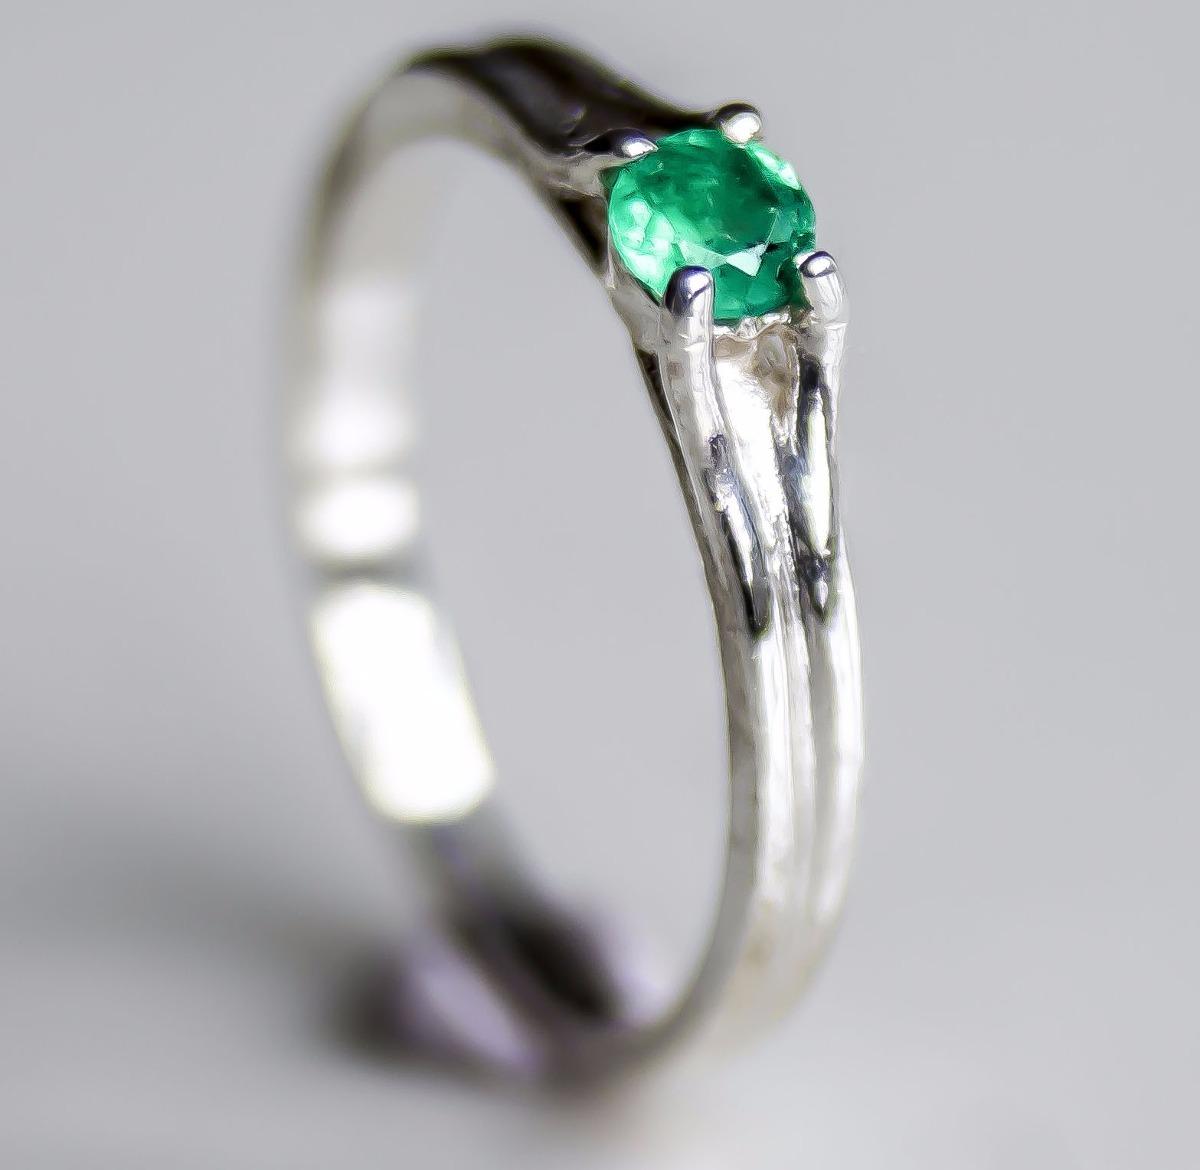 521d3c643af7 anillos compromiso esmeralda colombiana genuina plata mujer. Cargando zoom.